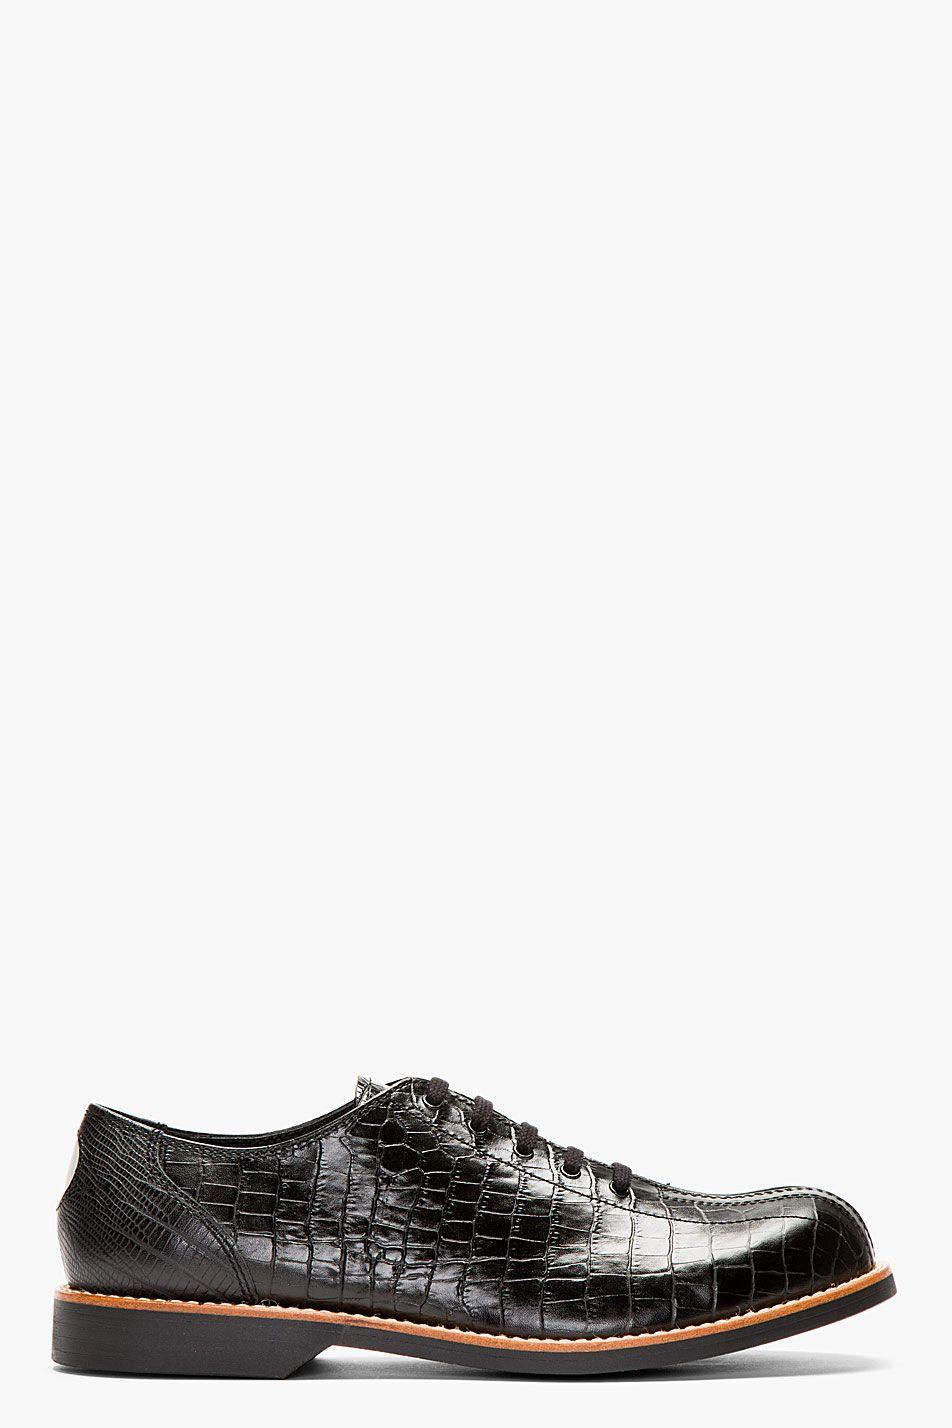 187e7c7486b520  Zapatos COMME DES GARÇONS HOMME PLUS Black Crocodile-Embossed Bowling   Shoes.